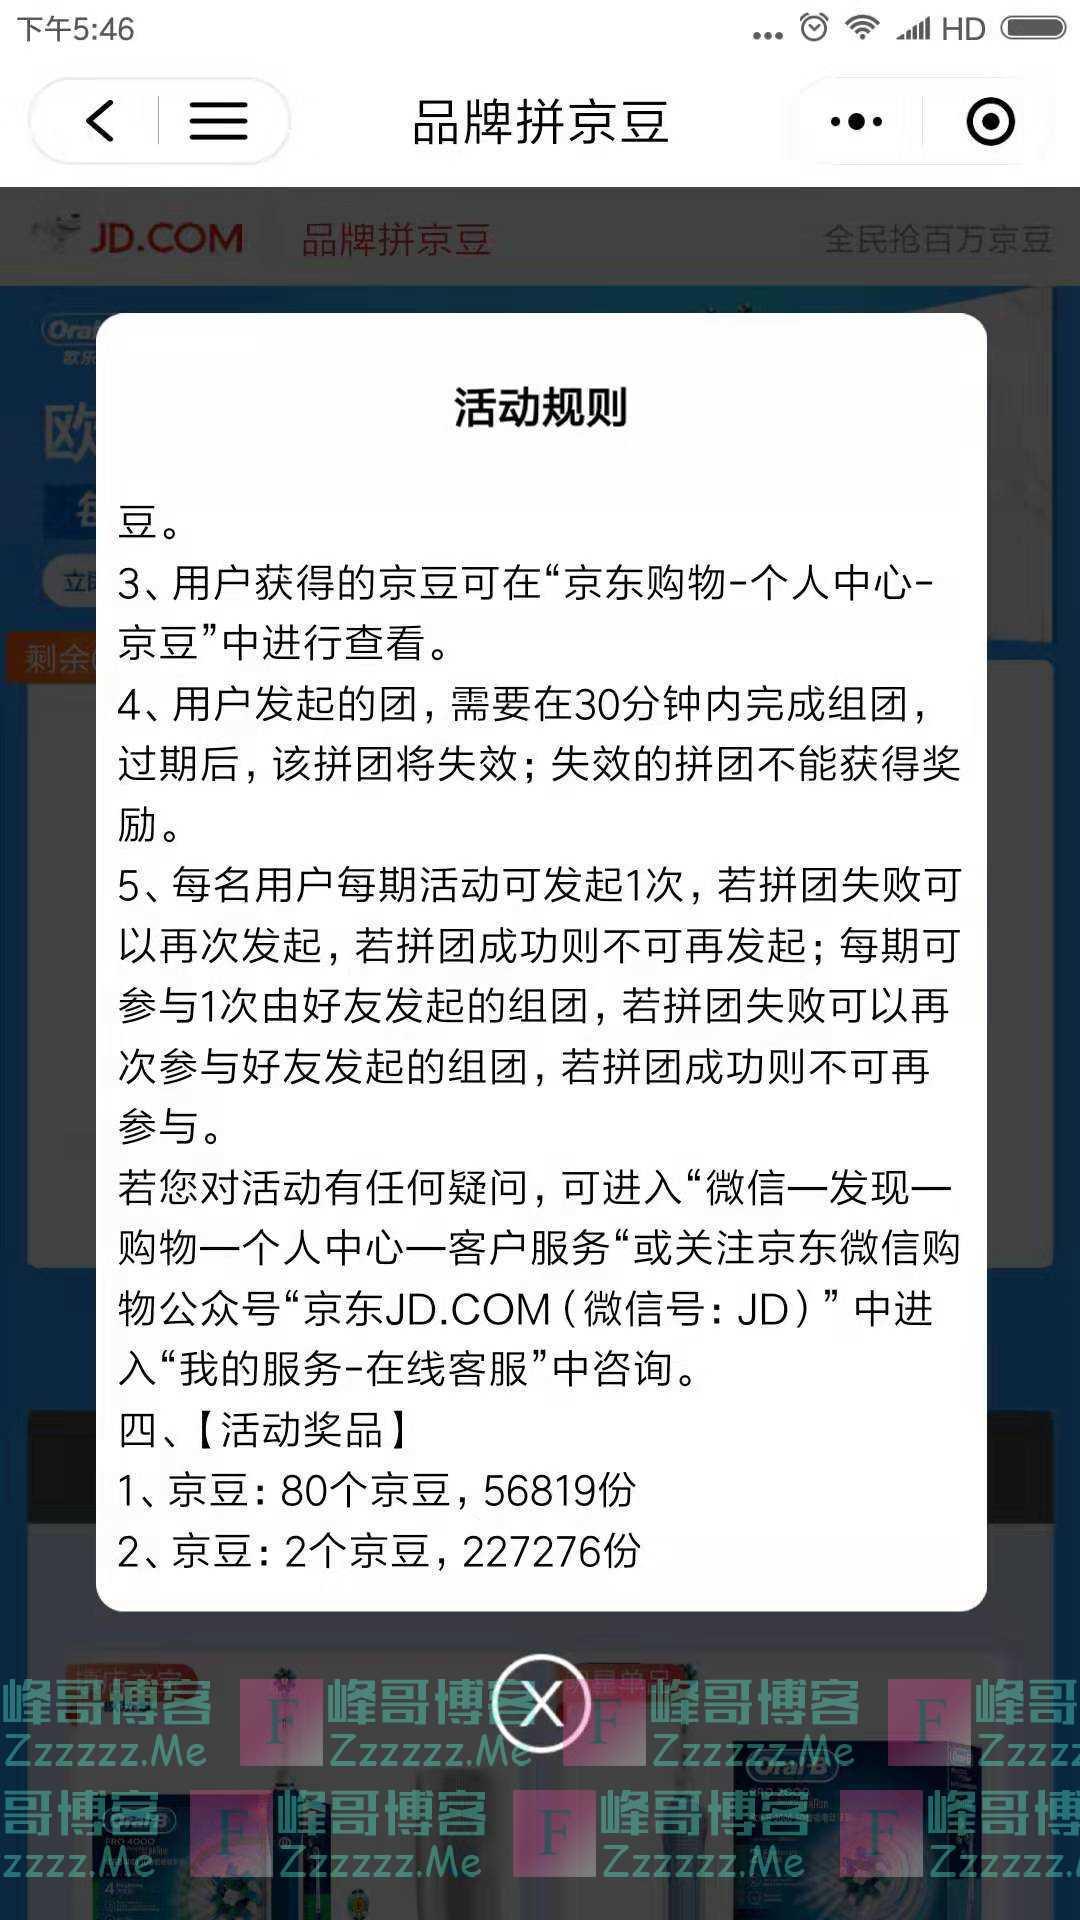 京东新一期抢百万京豆(截止9月21日)